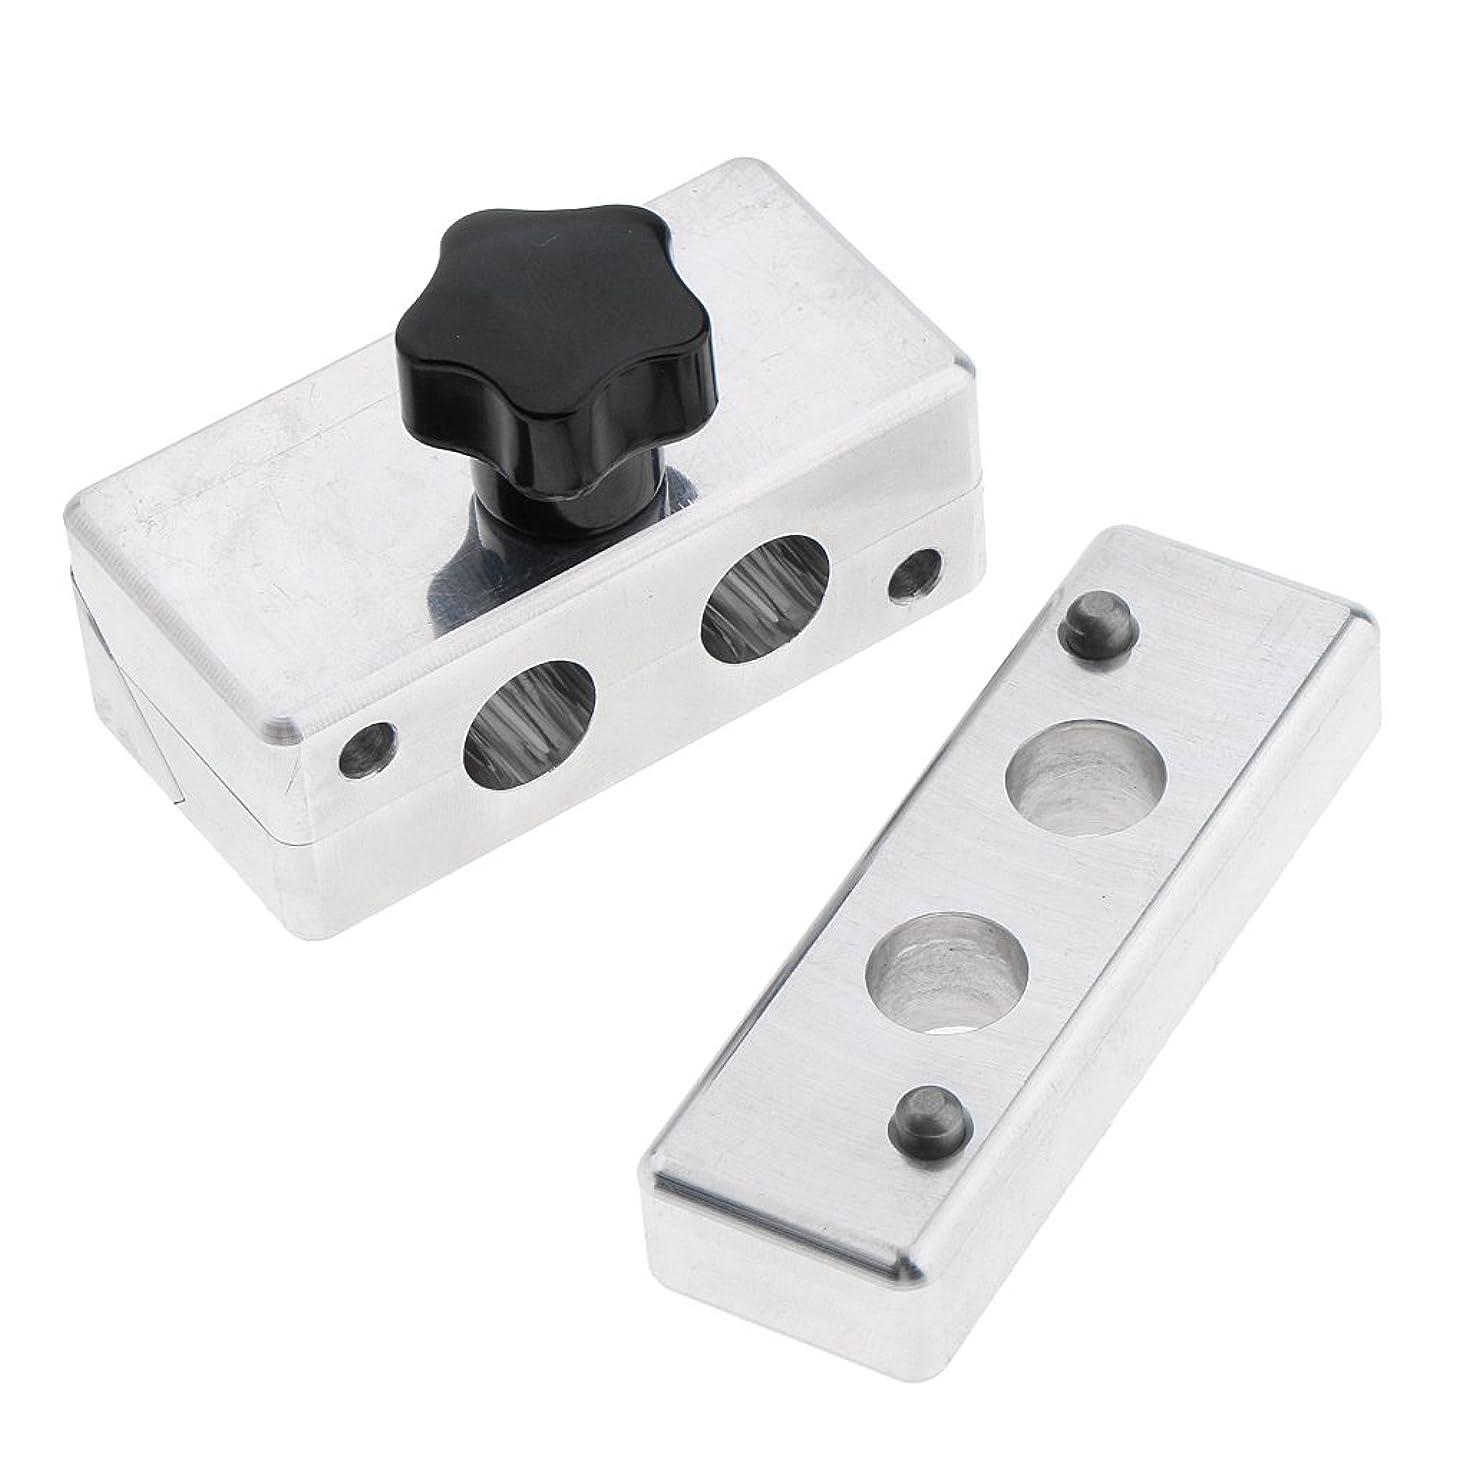 ウサギ同盟正当化するFenteer リップスティック金型 リップスティック 口紅 金型 DIY クリームメーカー コスメ メイクアップ 5タイプ選べ - 12.1mm2穴